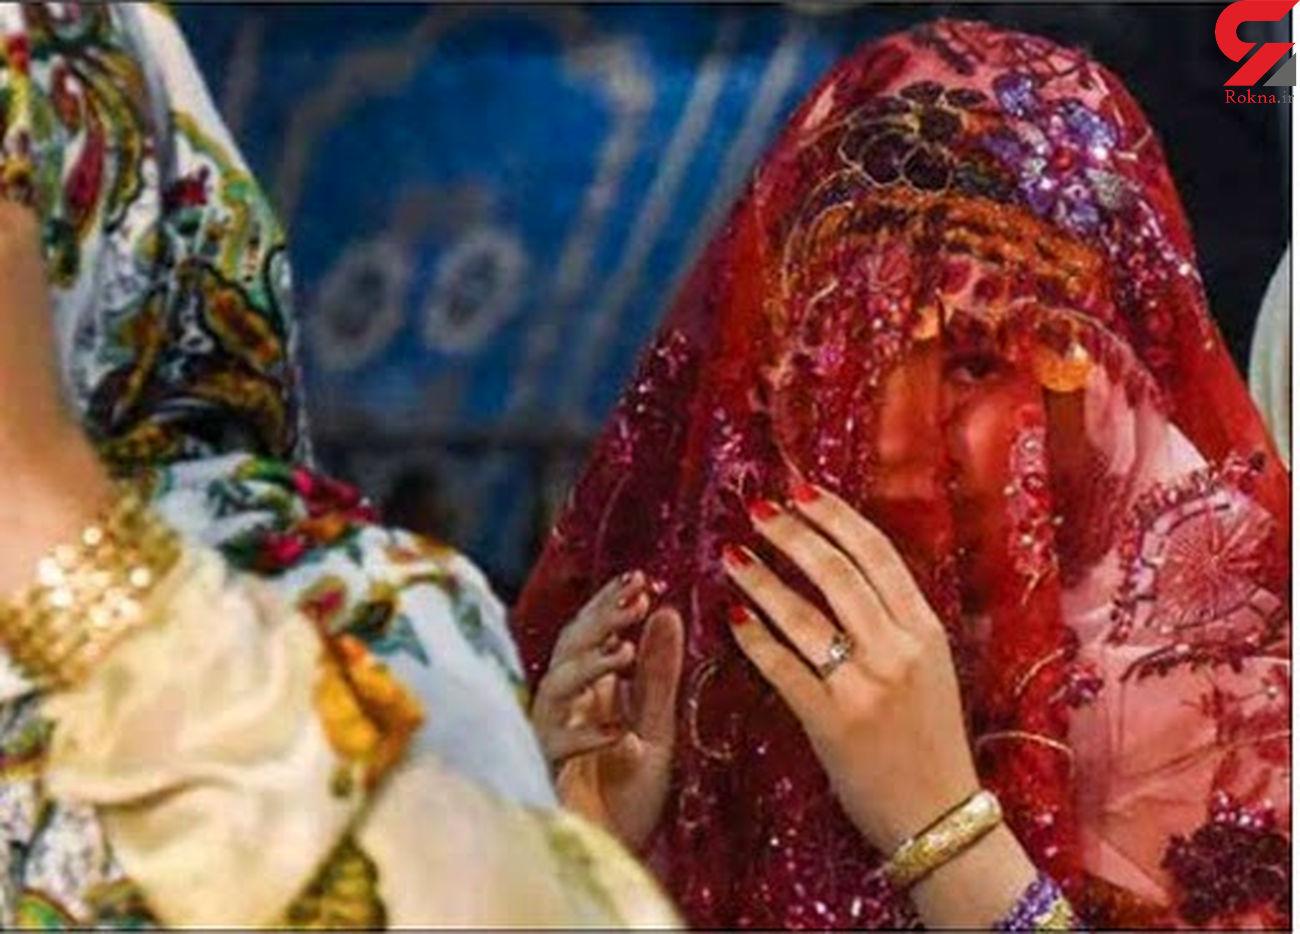 ازدواج دختر بچه ها با مردان نامرئی در خراسان/ تصویر تلخ فقر